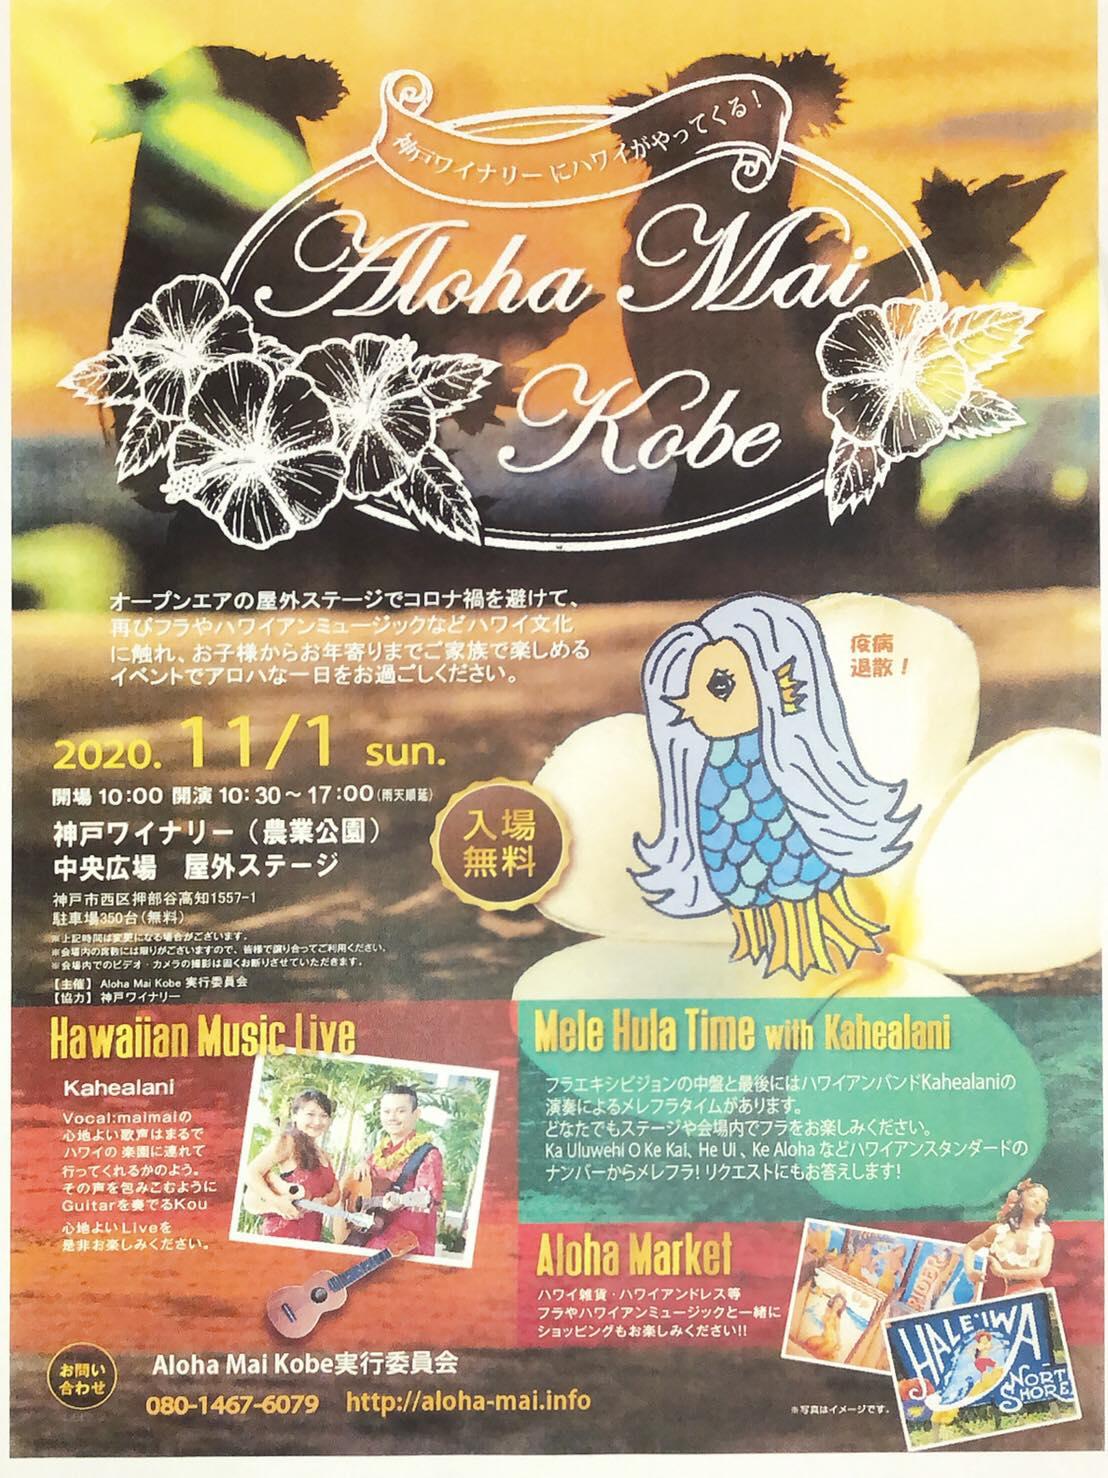 兵庫 (神戸) Aloha Mai Kobe @ 神戸ワイナリー 中央広場 屋外ステージ